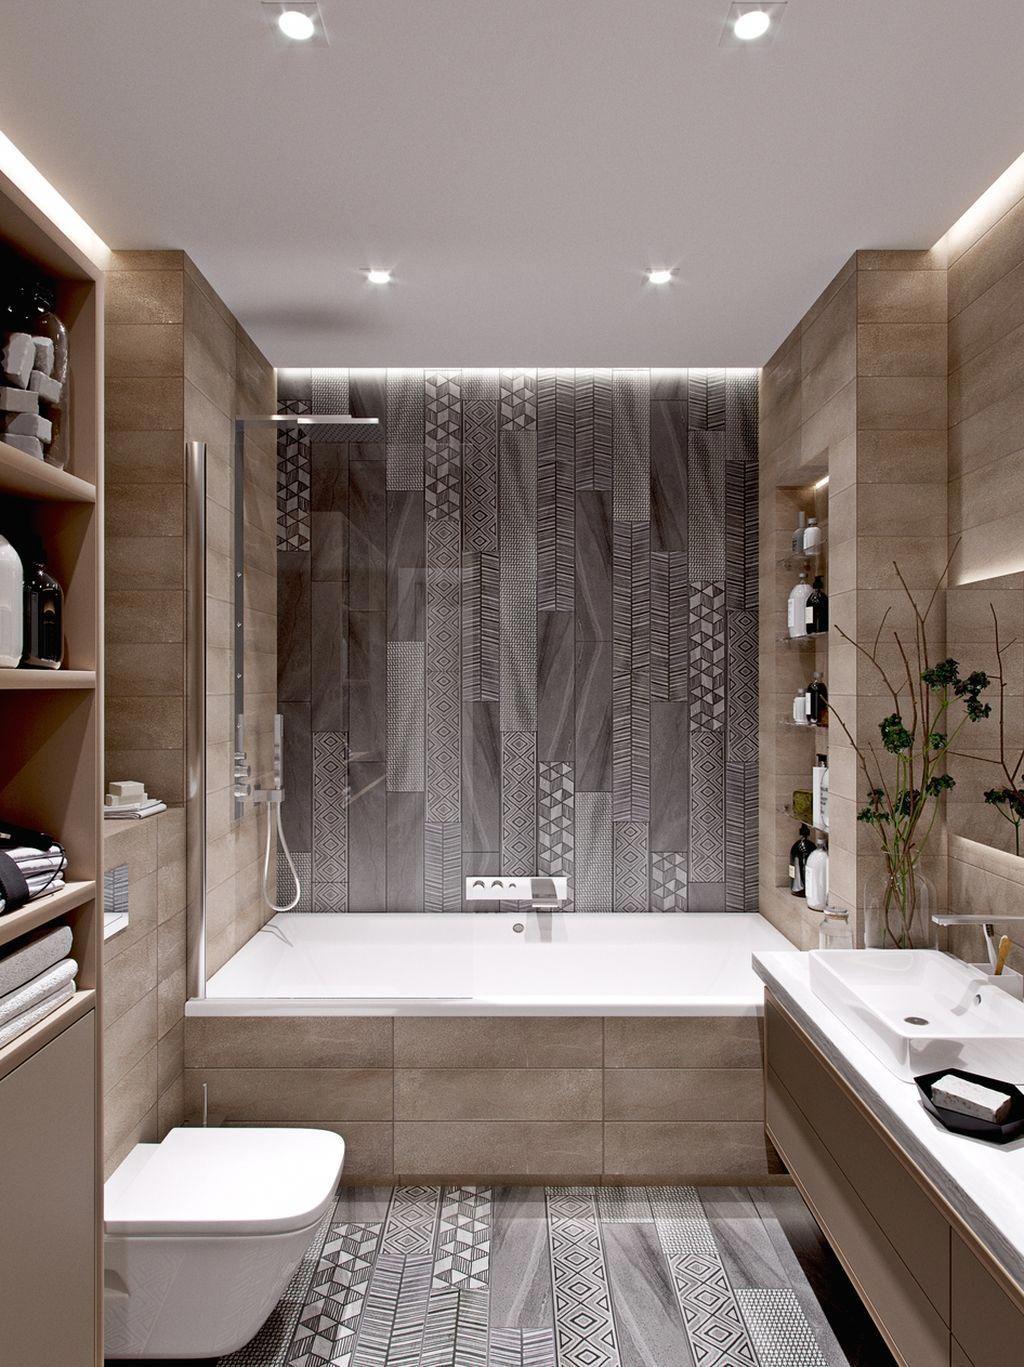 stunning 30 cute minimalist bathroom design ideas for on stunning small bathroom design ideas id=44762